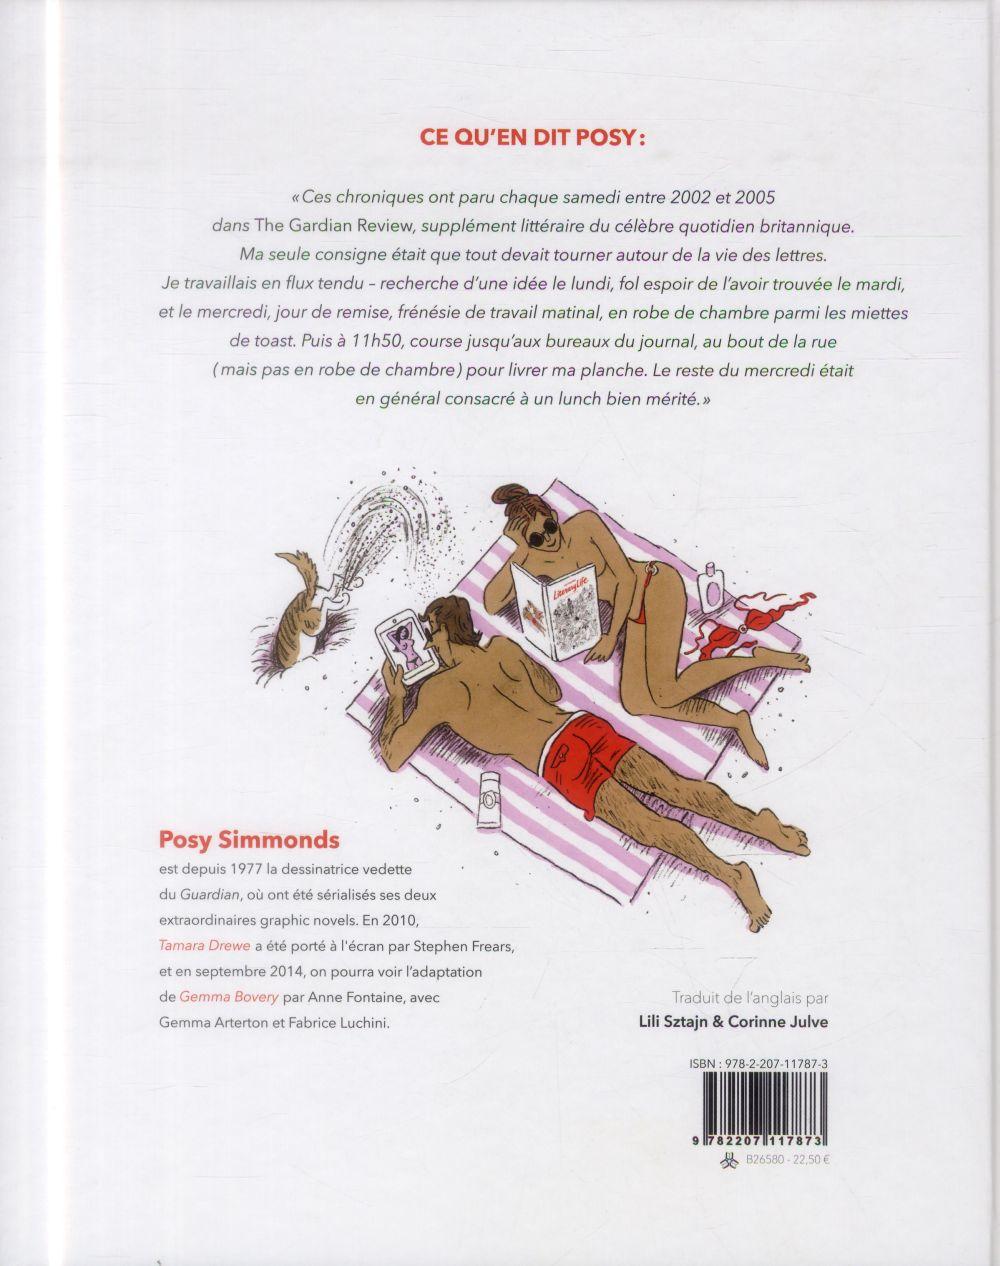 Literary life ; ses chroniques du Guardian 2002-2005